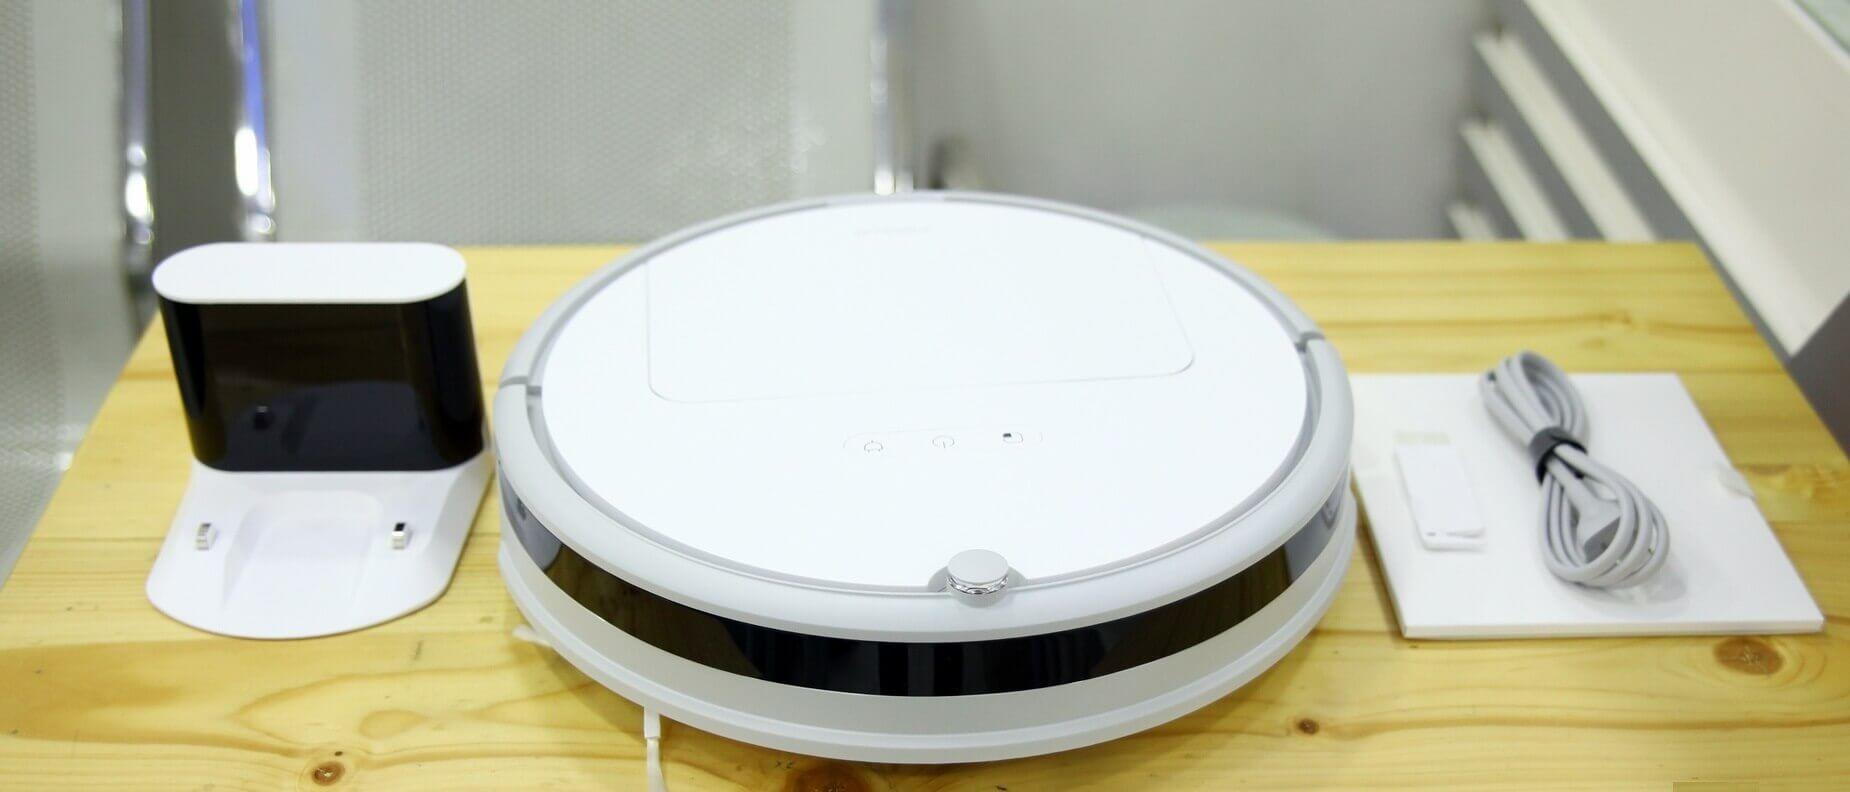 Комплектация робота пылесоса